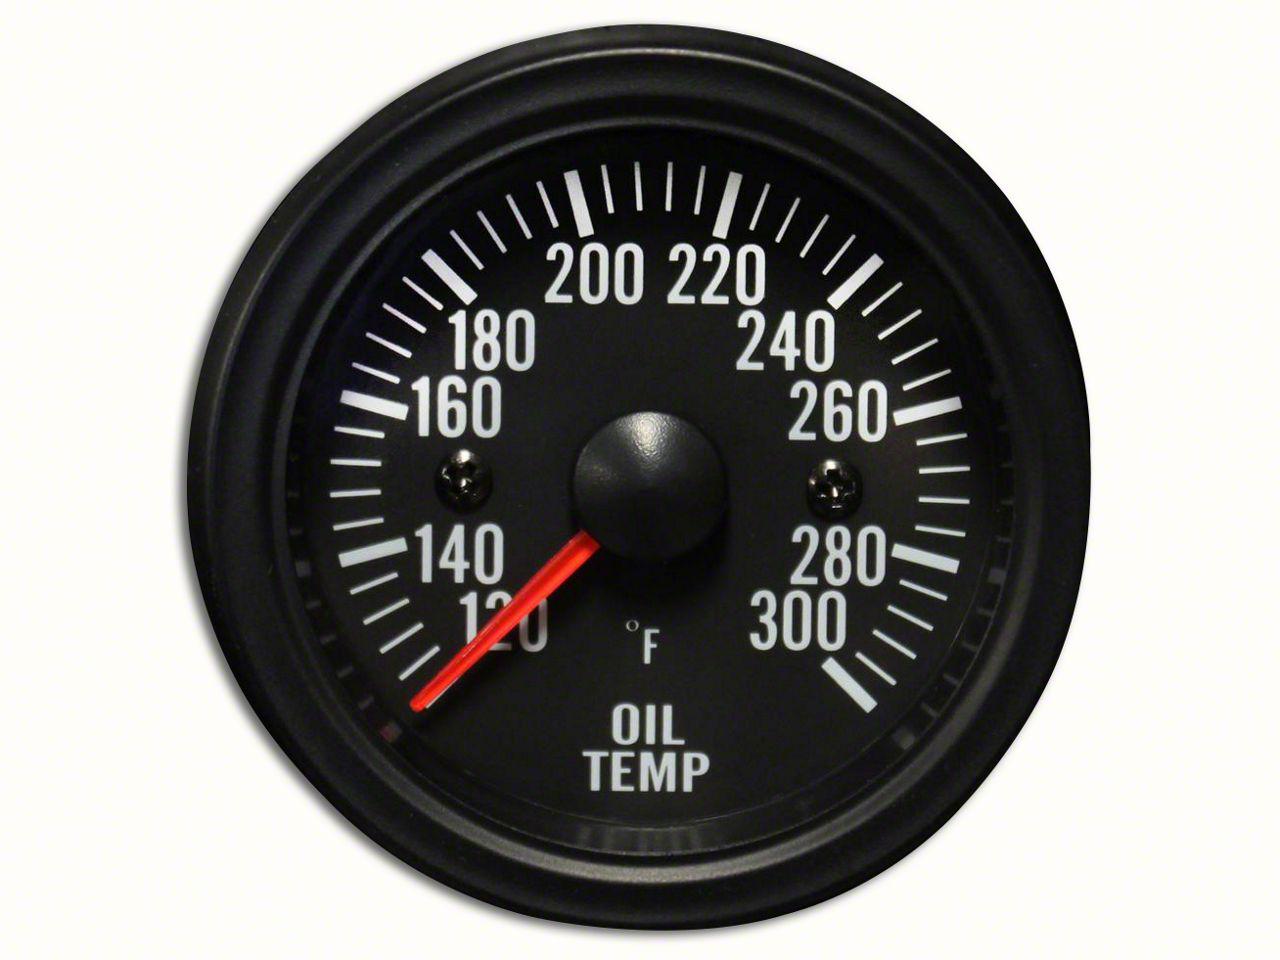 Prosport White LED Oil Temperature Gauge - Electrical (97-19 Jeep Wrangler TJ, JK & JL)